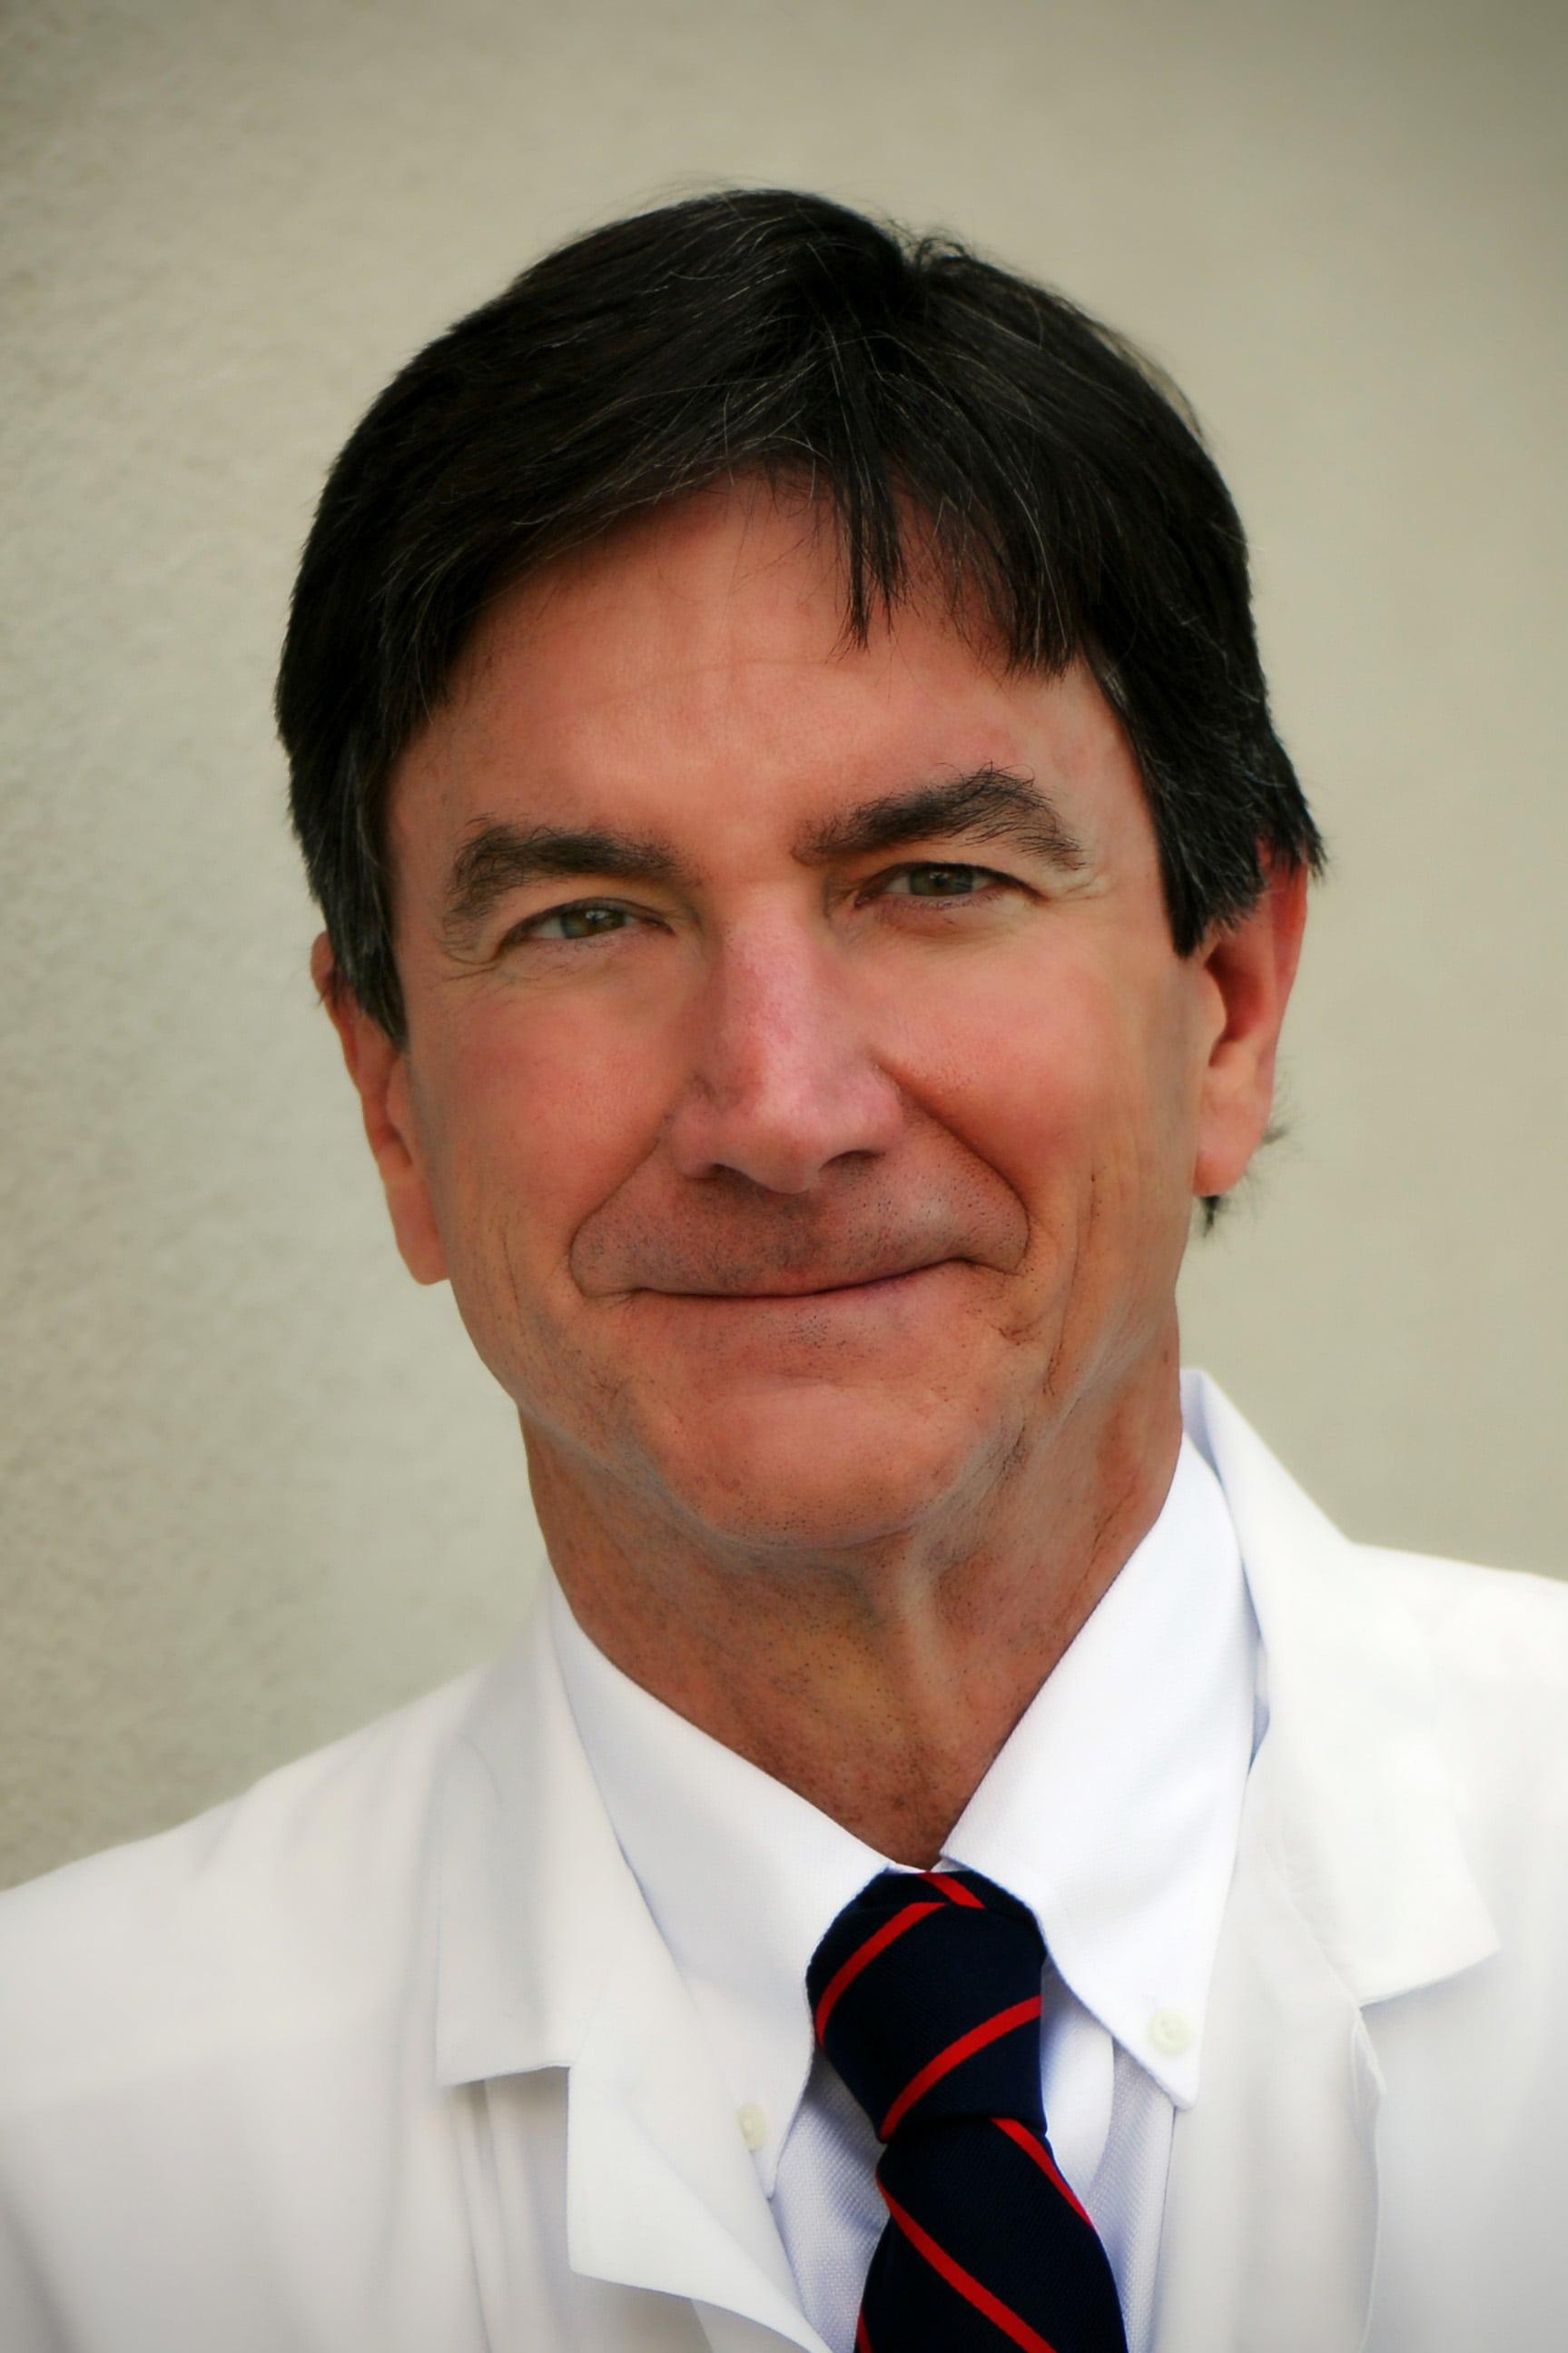 Dr. Bradley B Williams MD